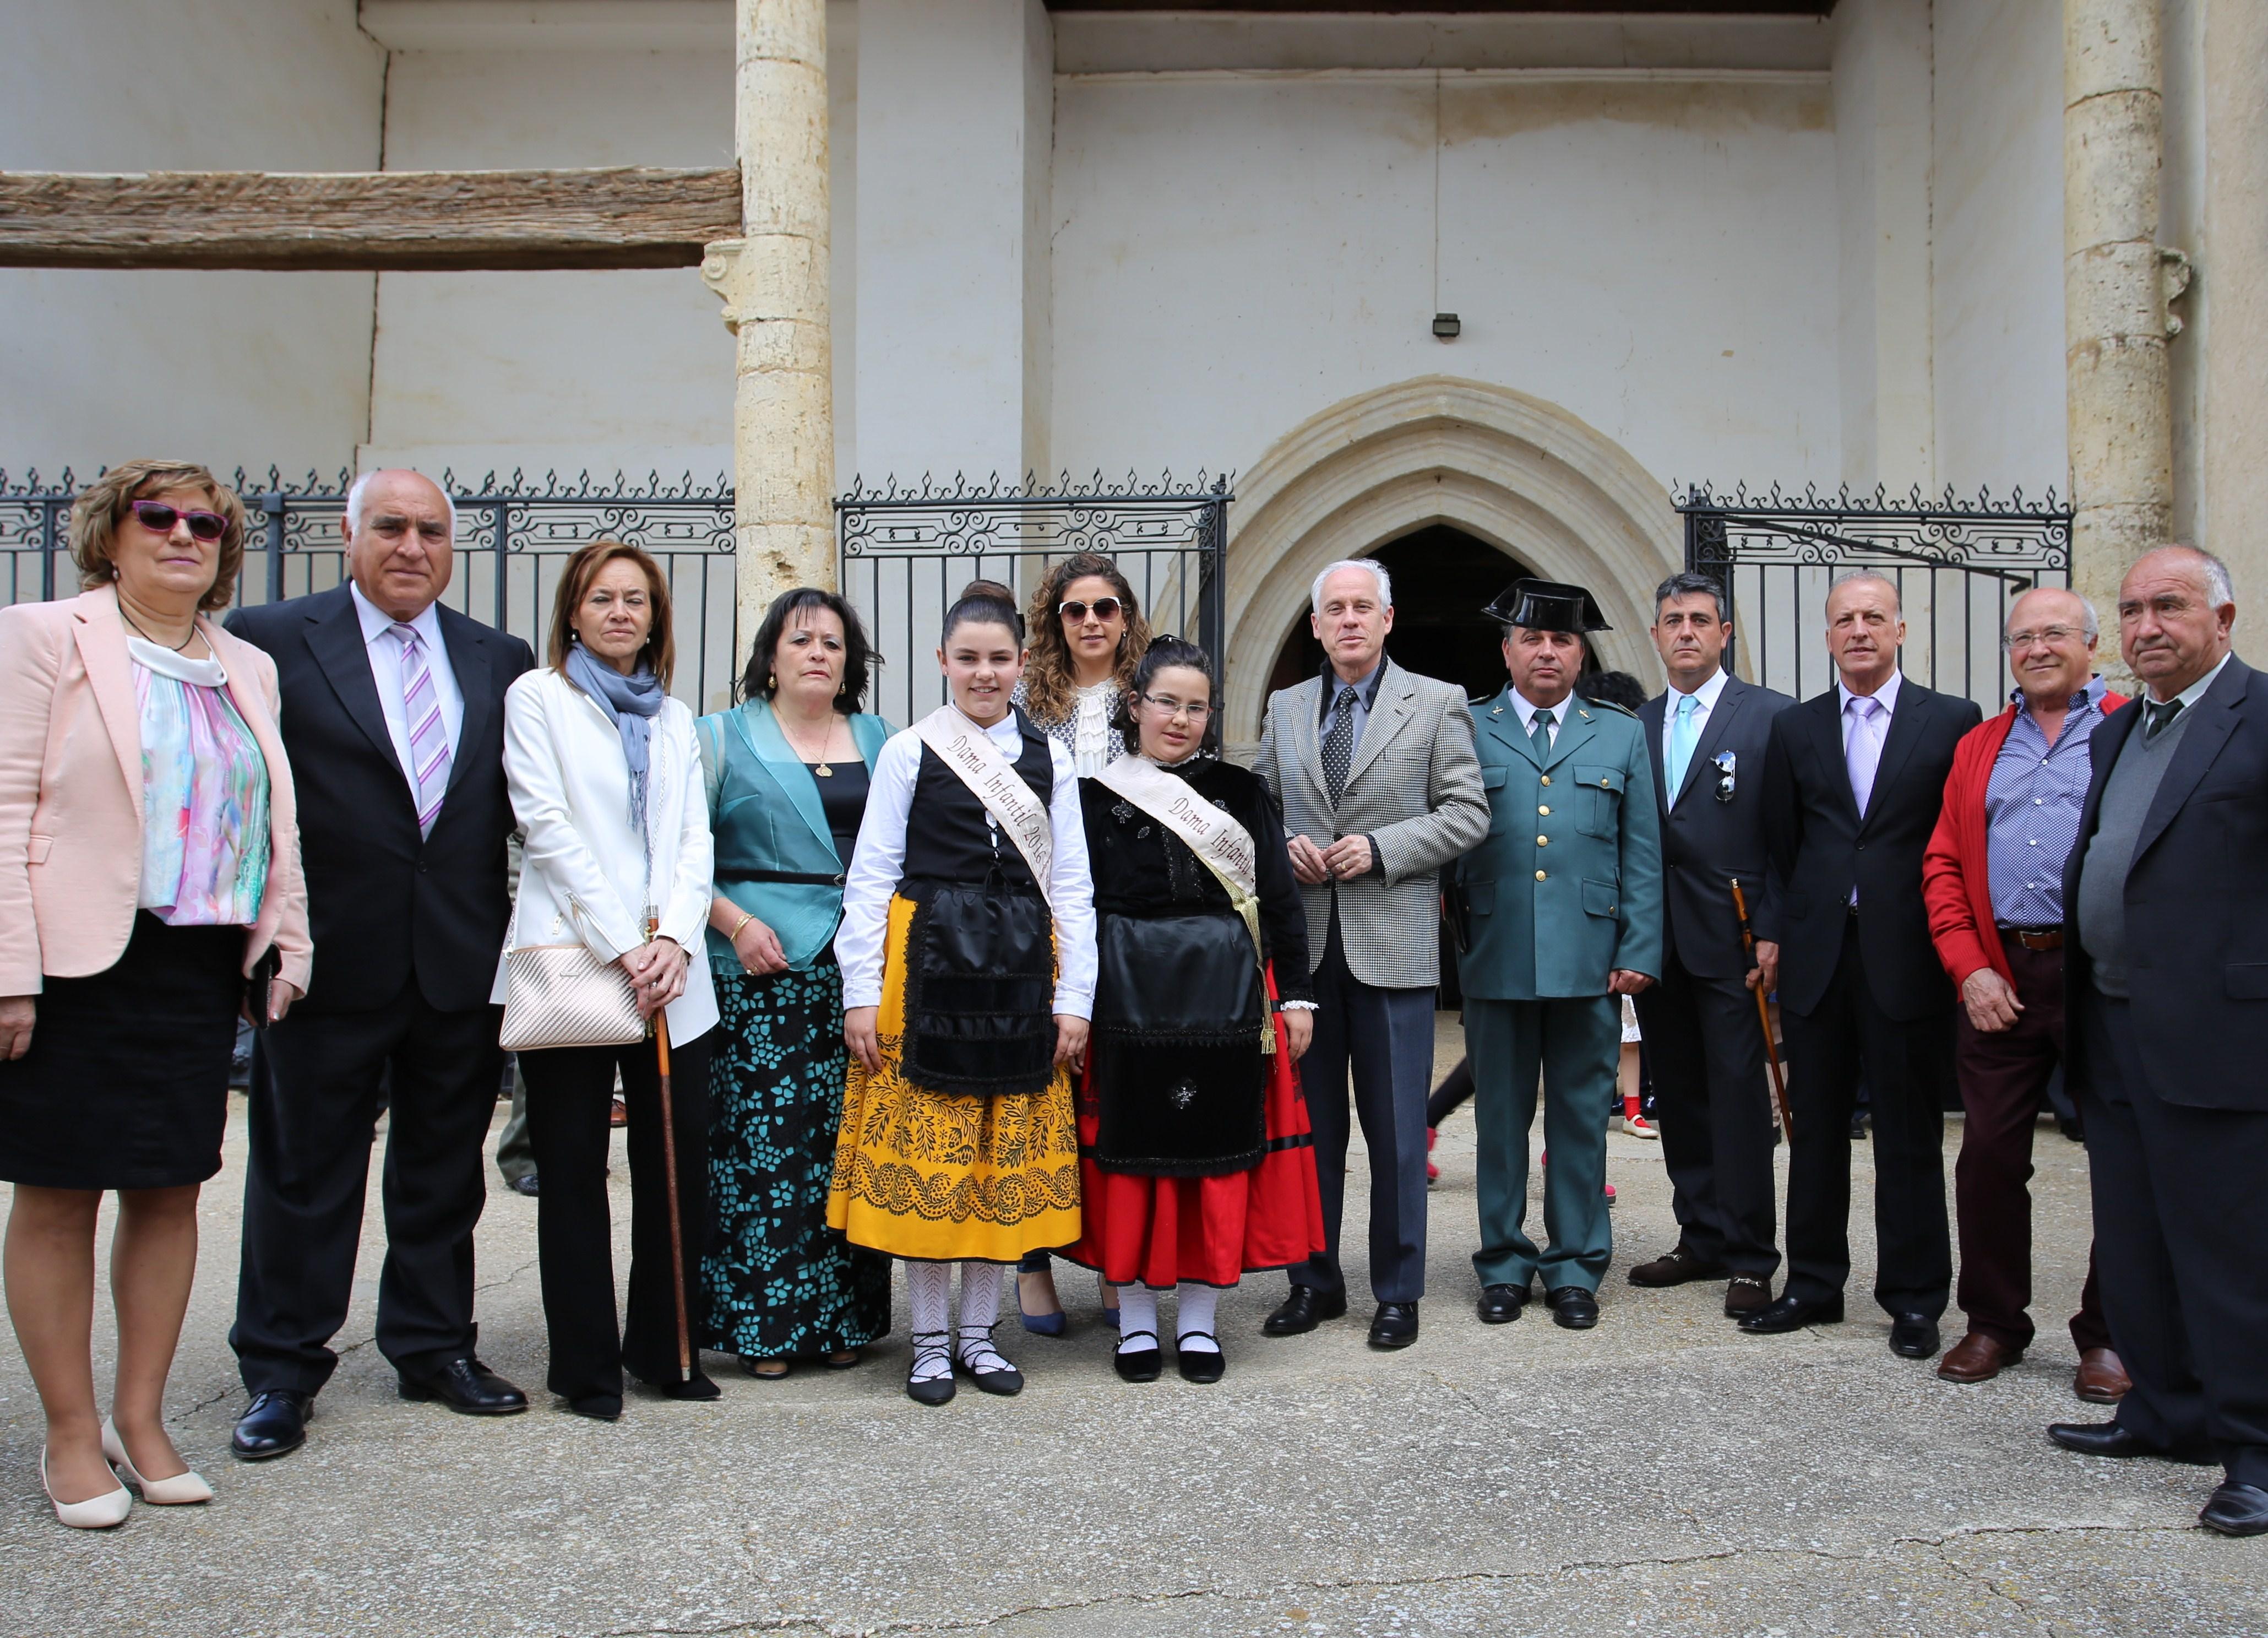 Inmacilada Rojo ,alcaldesa de Villlaumrales ,acompañada de las Damas infantiles y diversas autoridades que acudieron a la fiesta de San Gregorio